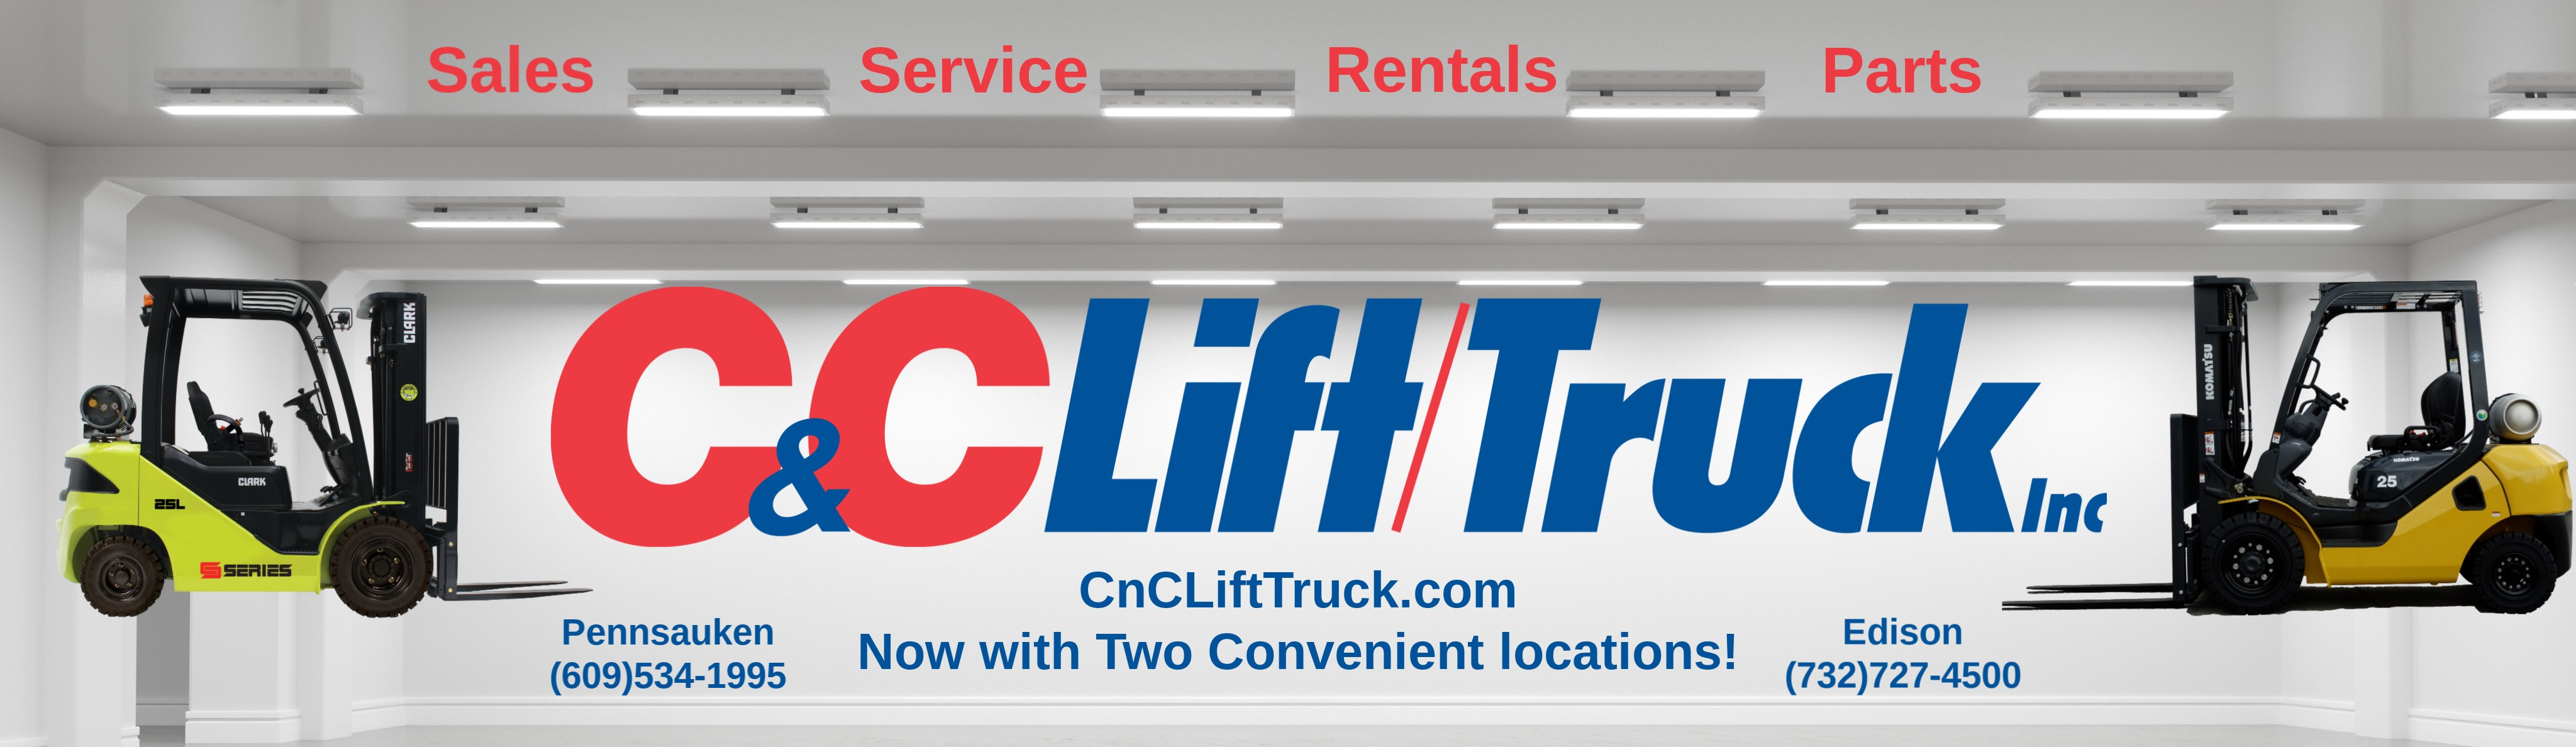 C&C Lift Truck, Inc  | LinkedIn